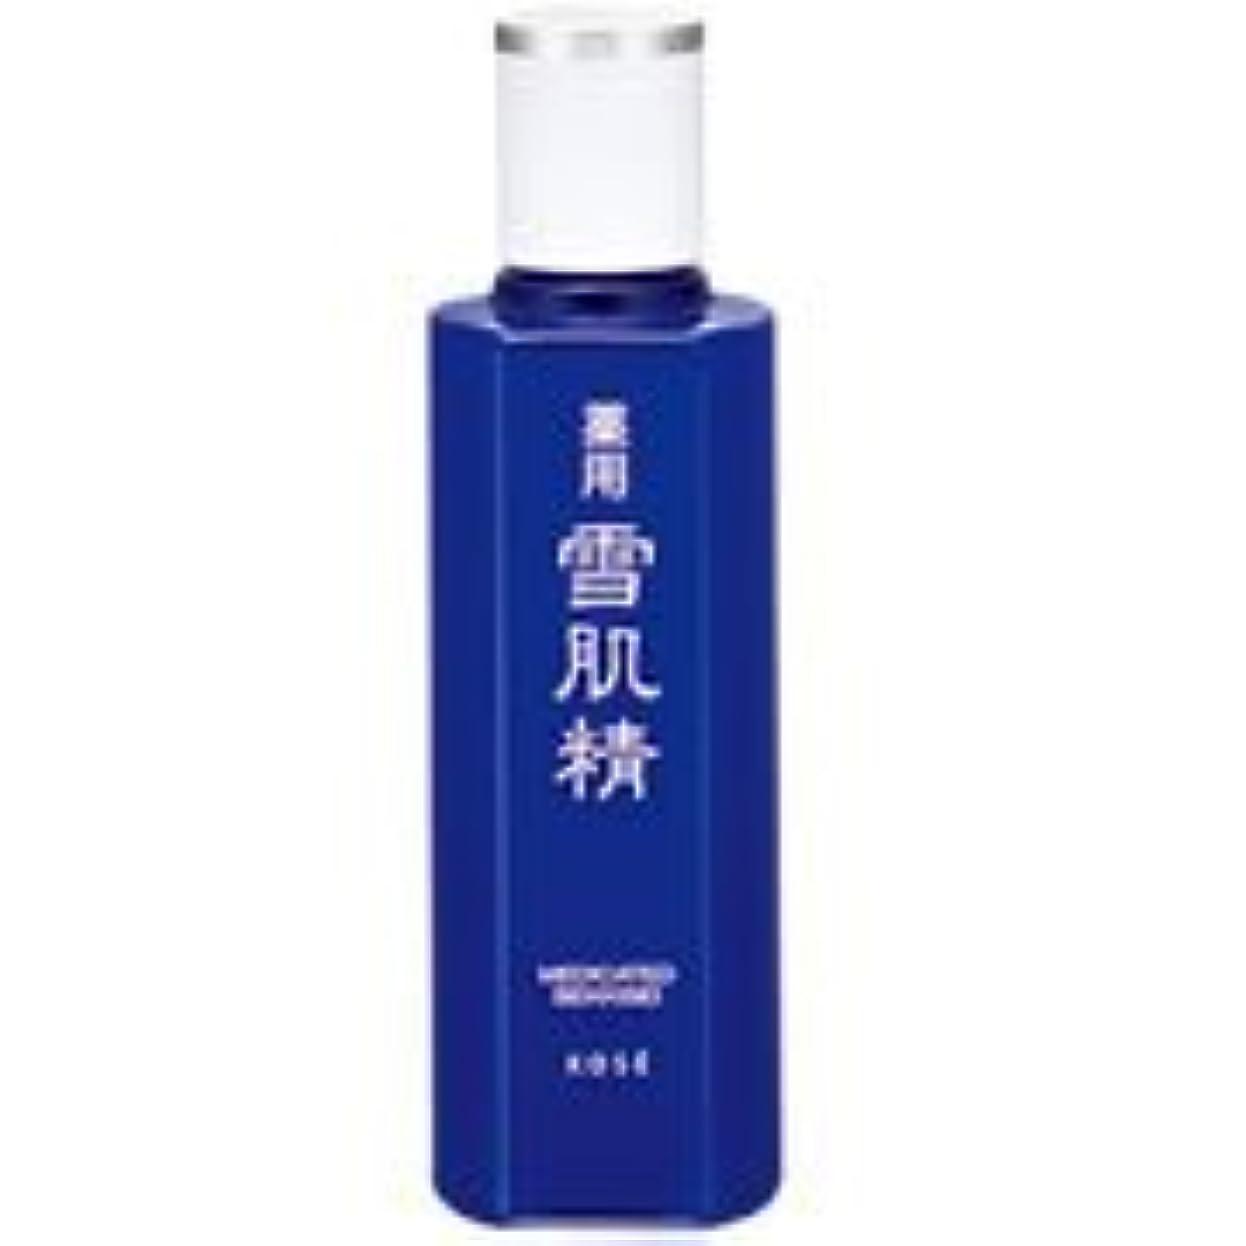 廃棄逃げるレスリングコーセー 薬用 雪肌精 化粧水 限定 トライアルサイズ 140ml